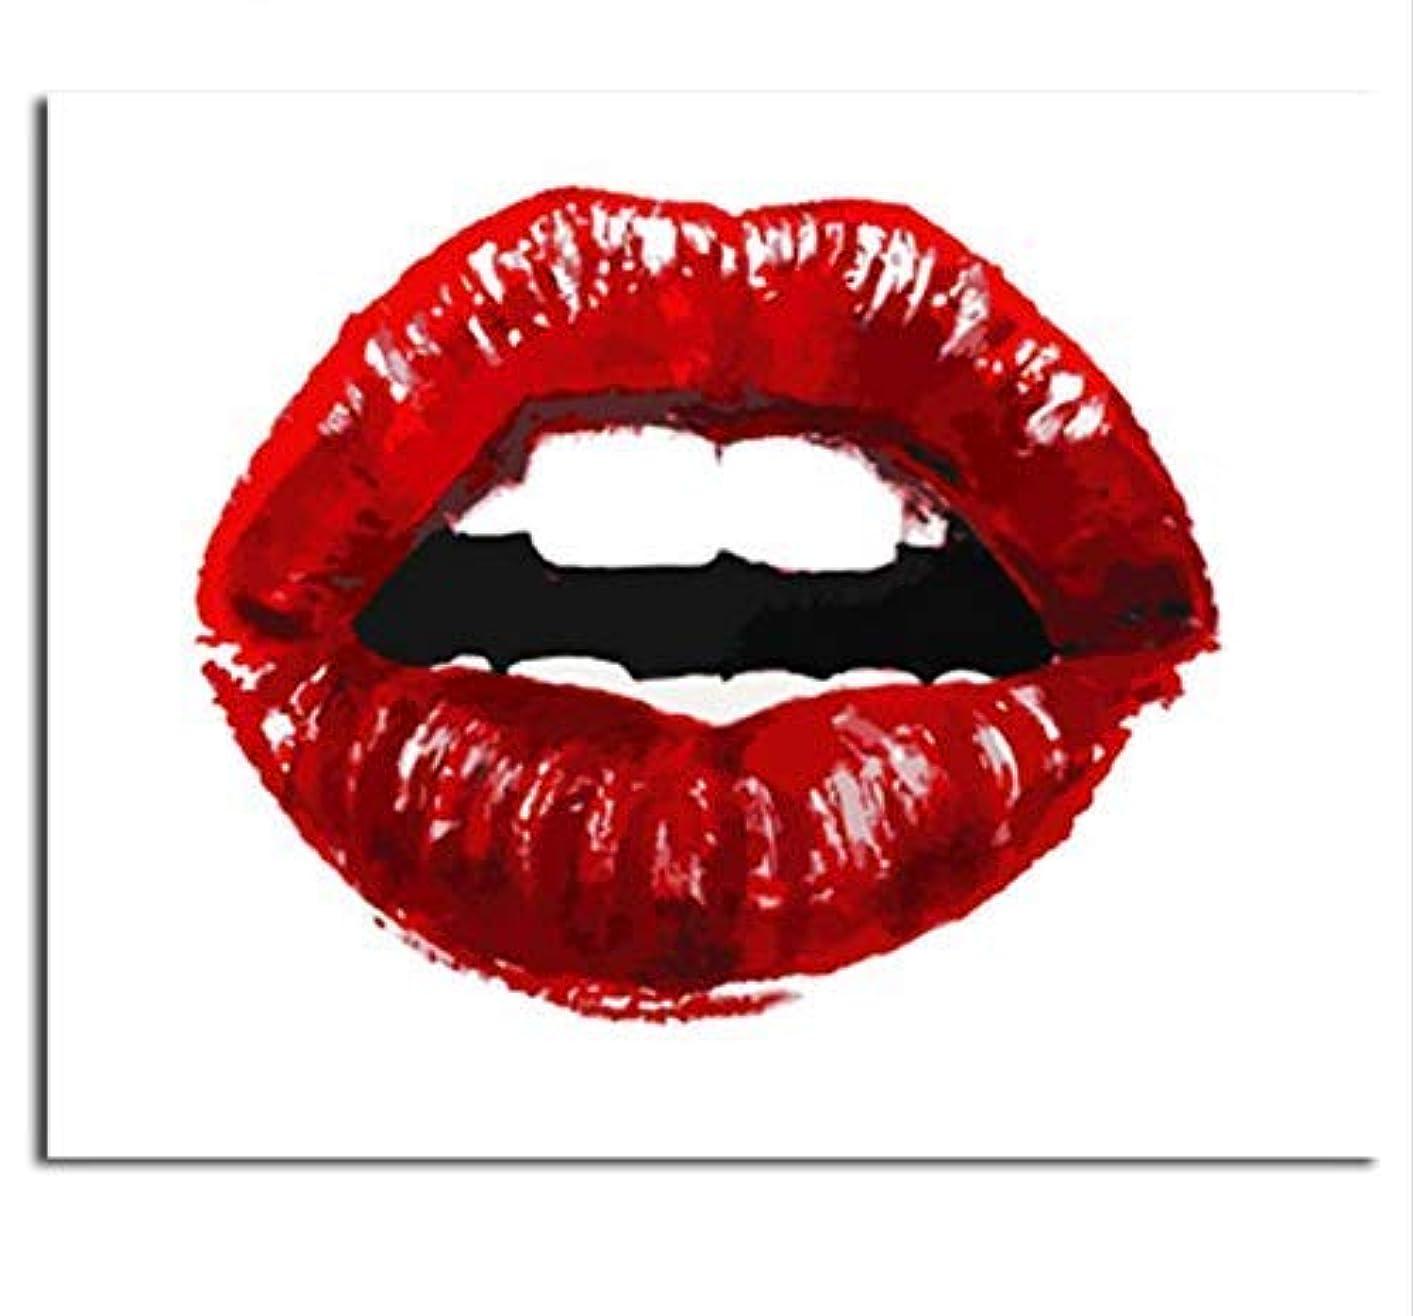 サンプルホイスト付き添い人キャンバスの表面に壁画絵画写真プリント 数字でペイントフィギュア絵画写真数字で絵画diyキャンバス油絵キャンバスに家の装飾用フレームレス キャンバスに壁アートの装飾ポスターアートワークホームオフィスの装飾の写真ウォールアート (色 : Frameless)